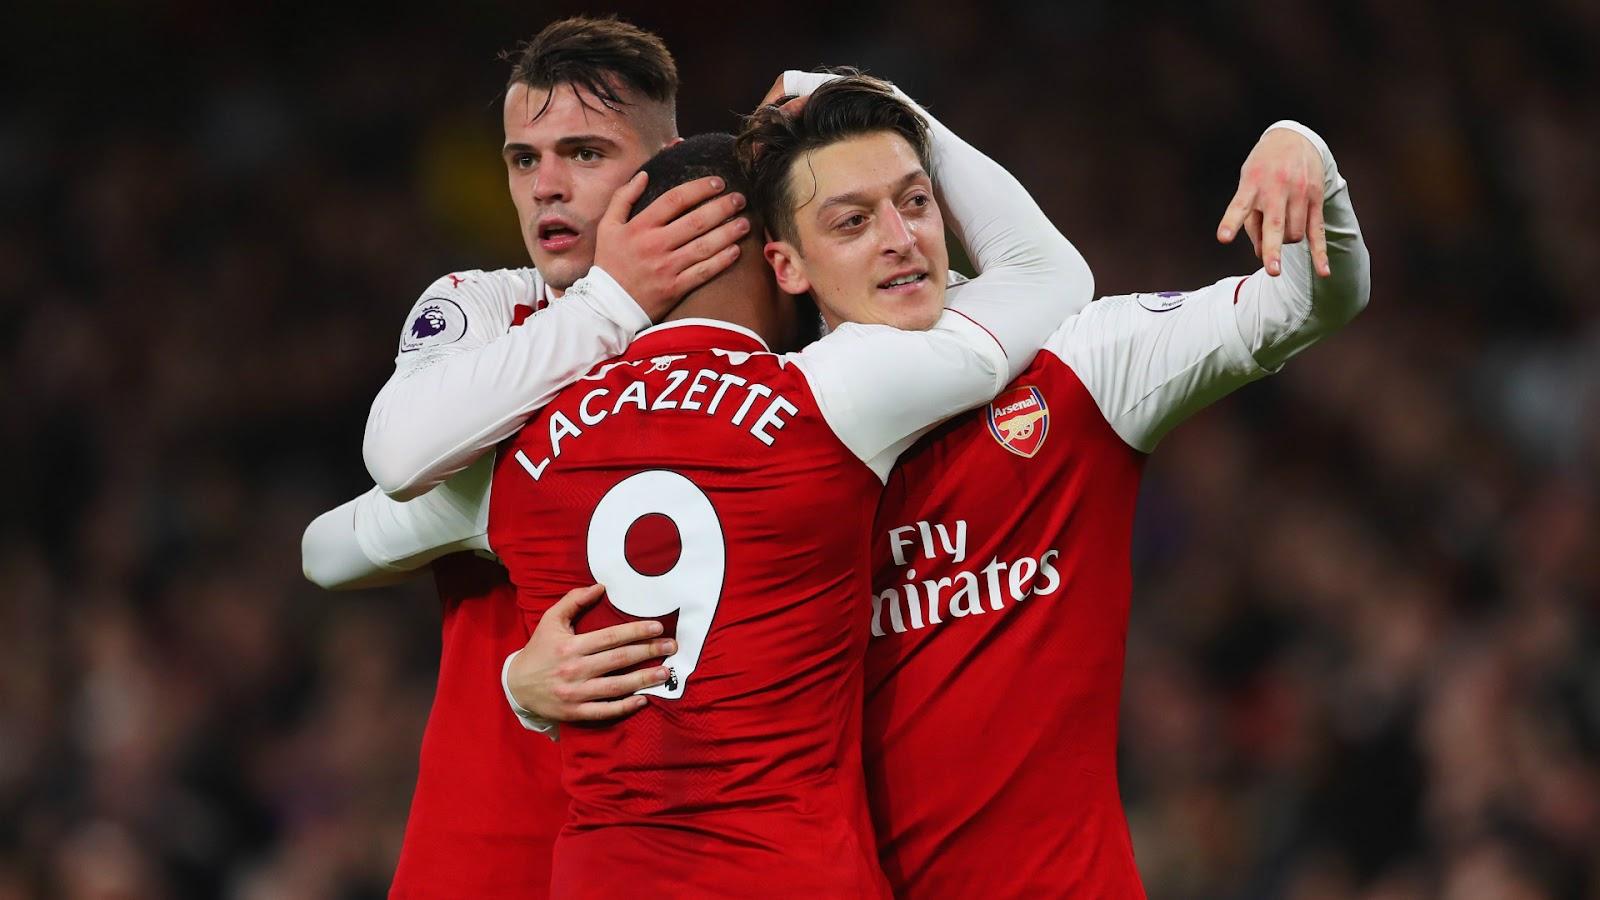 Арсенал и Ювентус — что изменилось в клубах за первую половину сезона